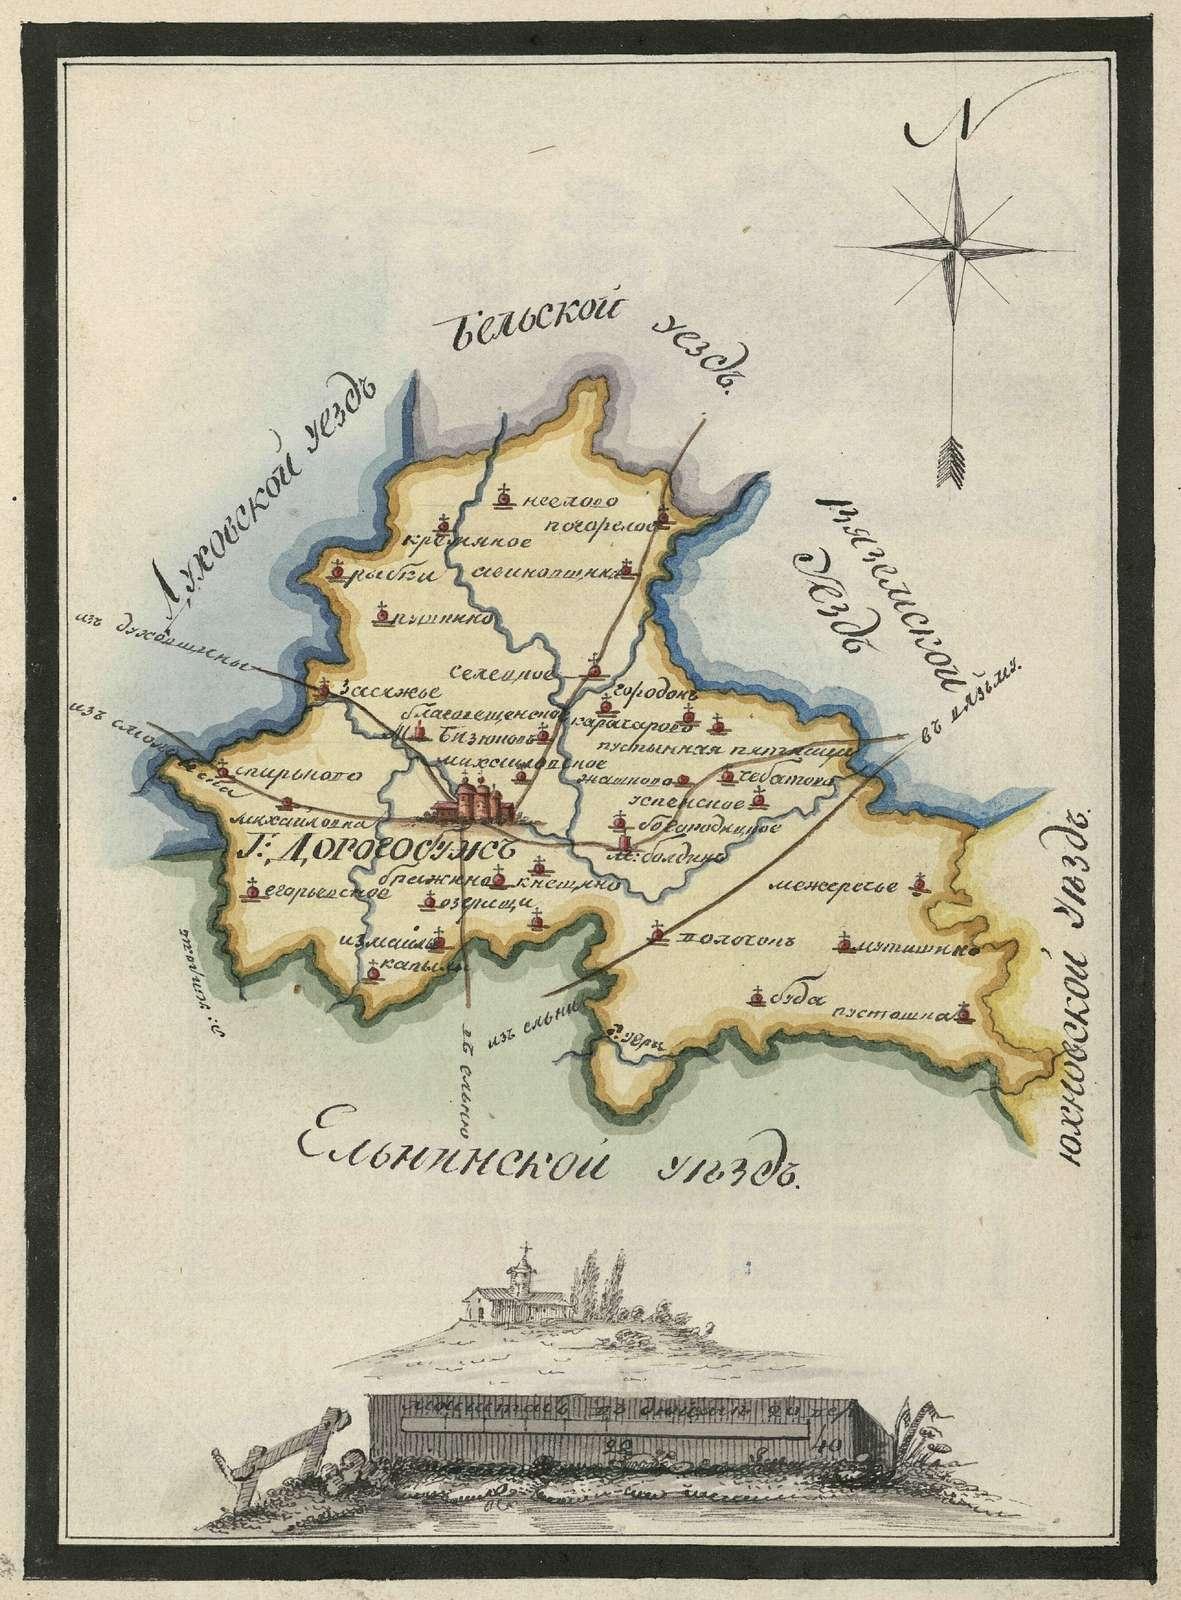 Plan of Dorogobuzh county.